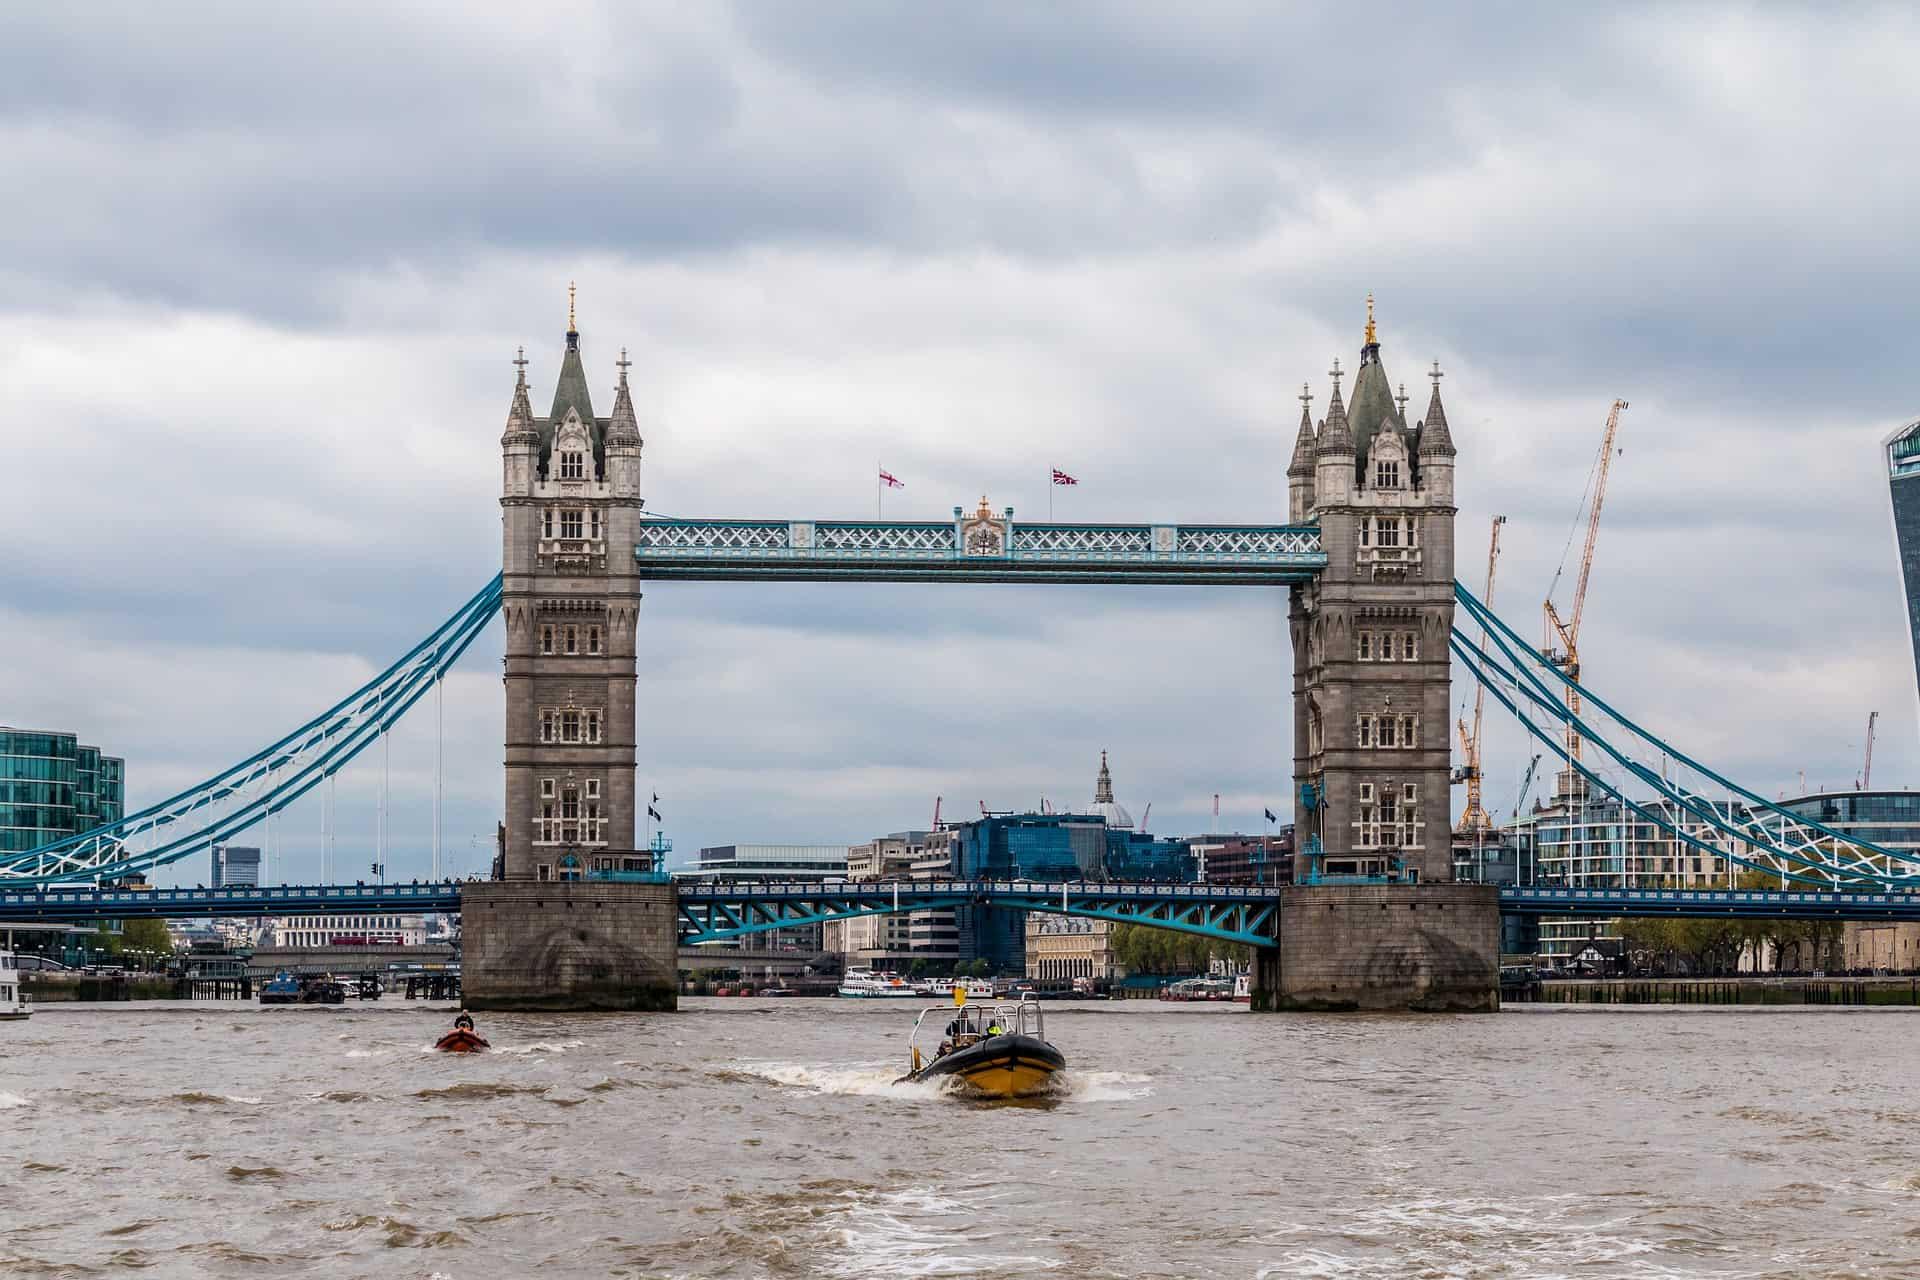 Tower Bridge - mit dem Wasertaxi kannst du auf eigene Faust die Stadt erkunden